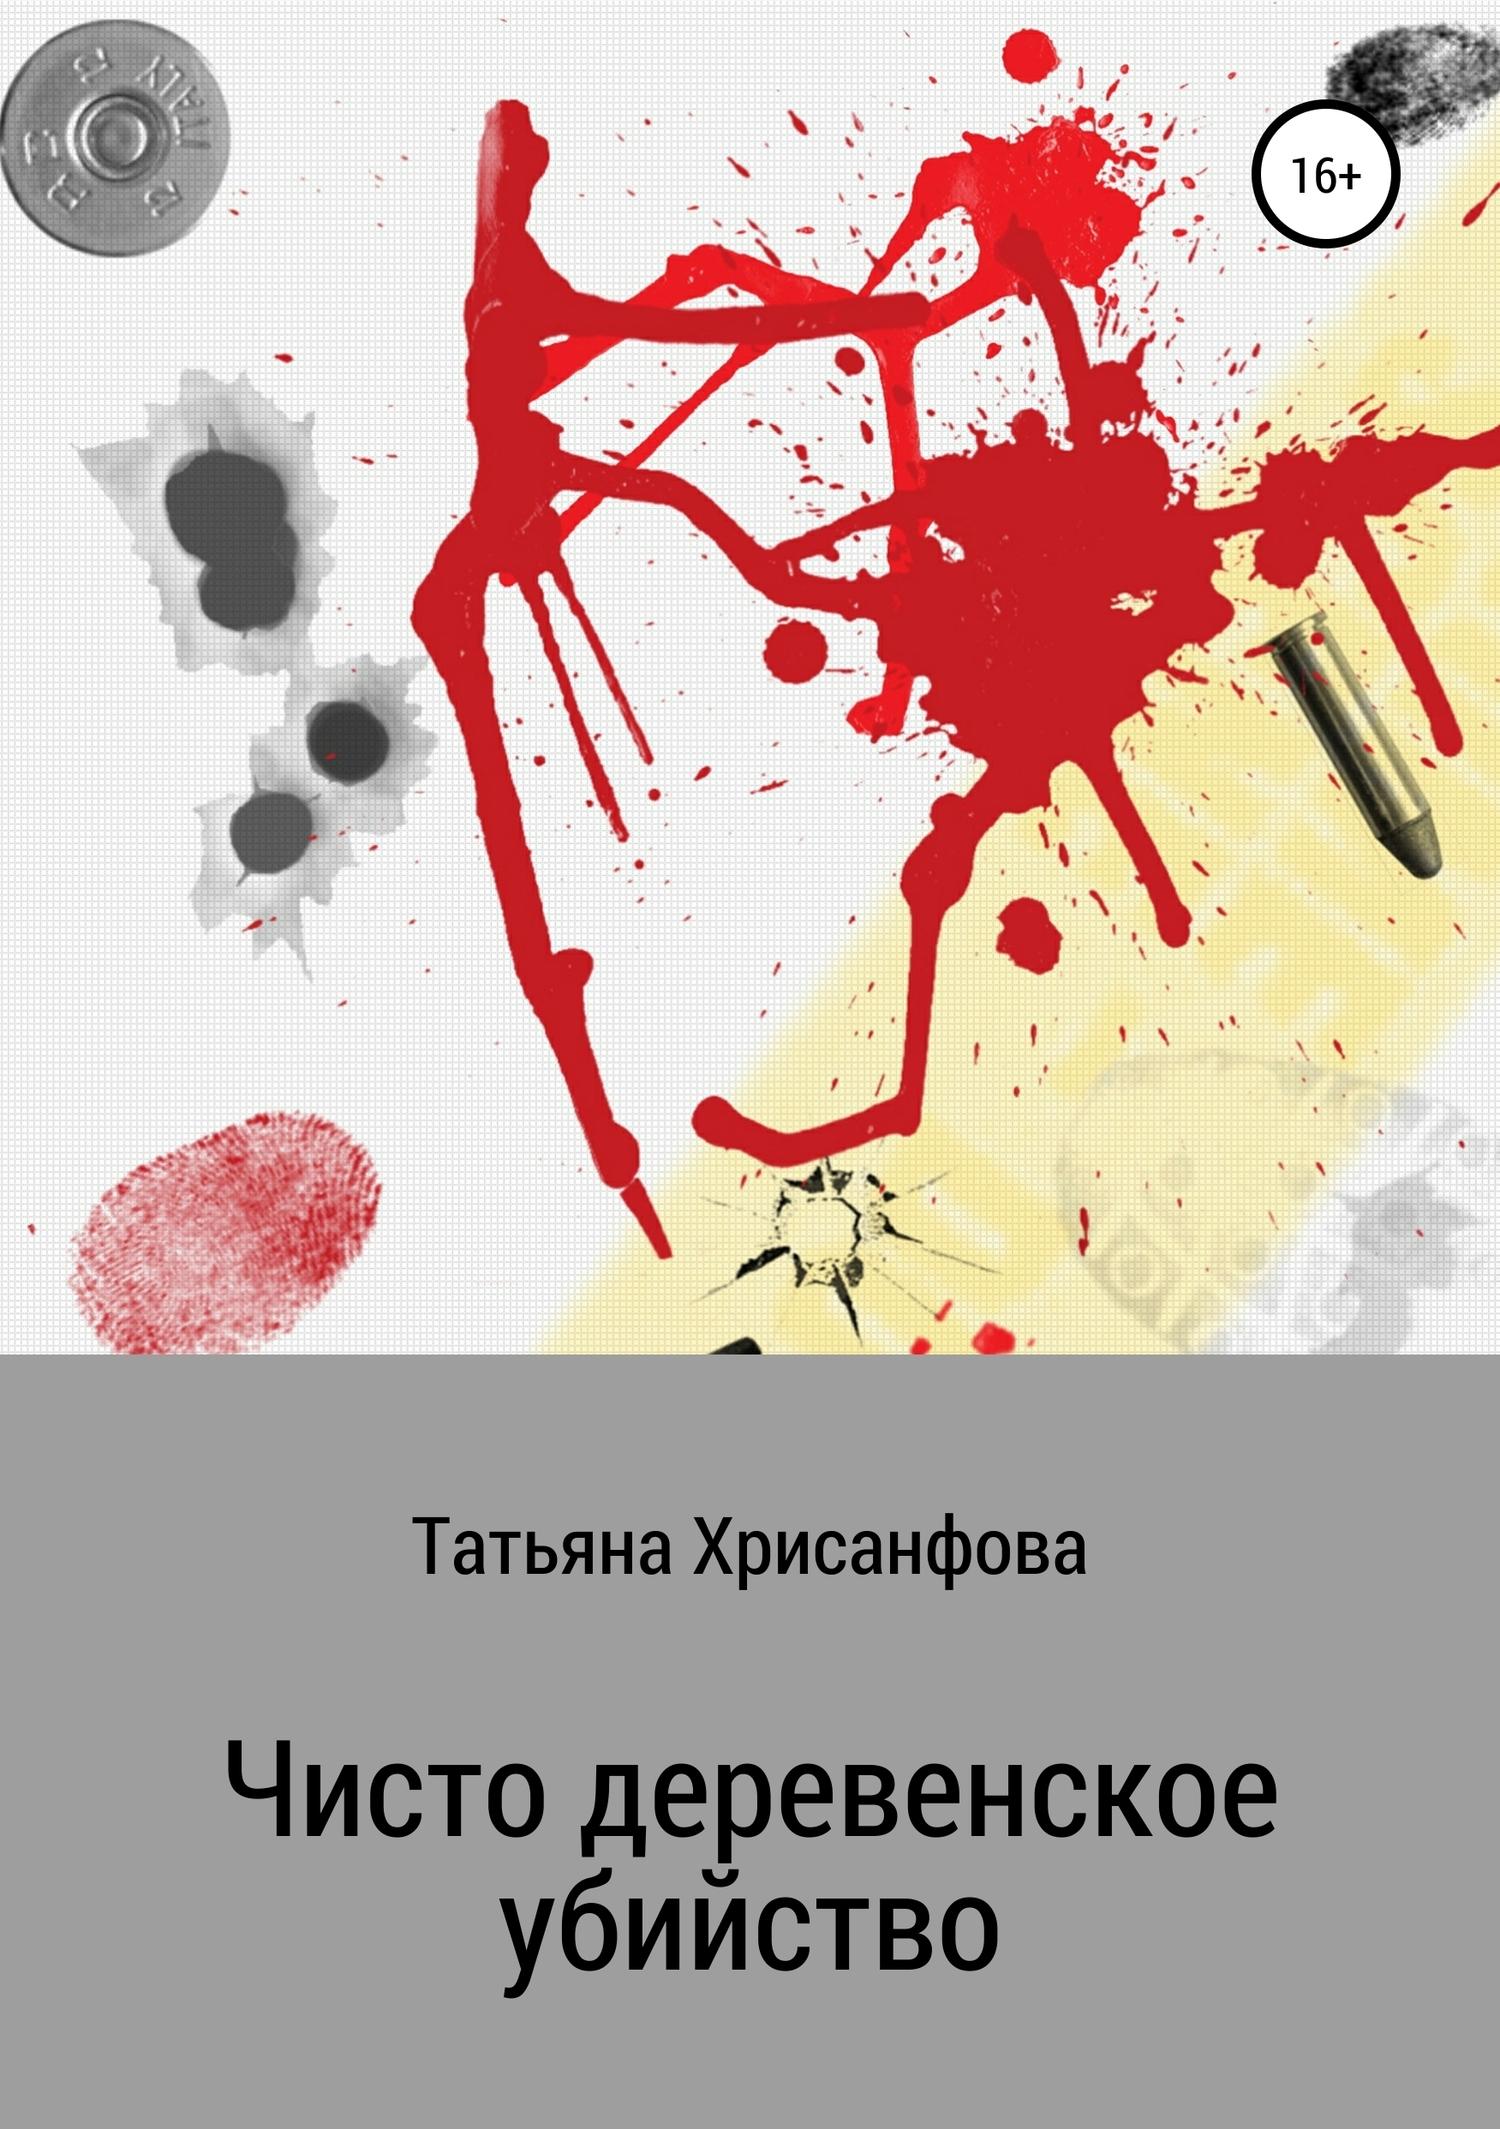 Татьяна Хрисанфова - Чисто деревенское убийство